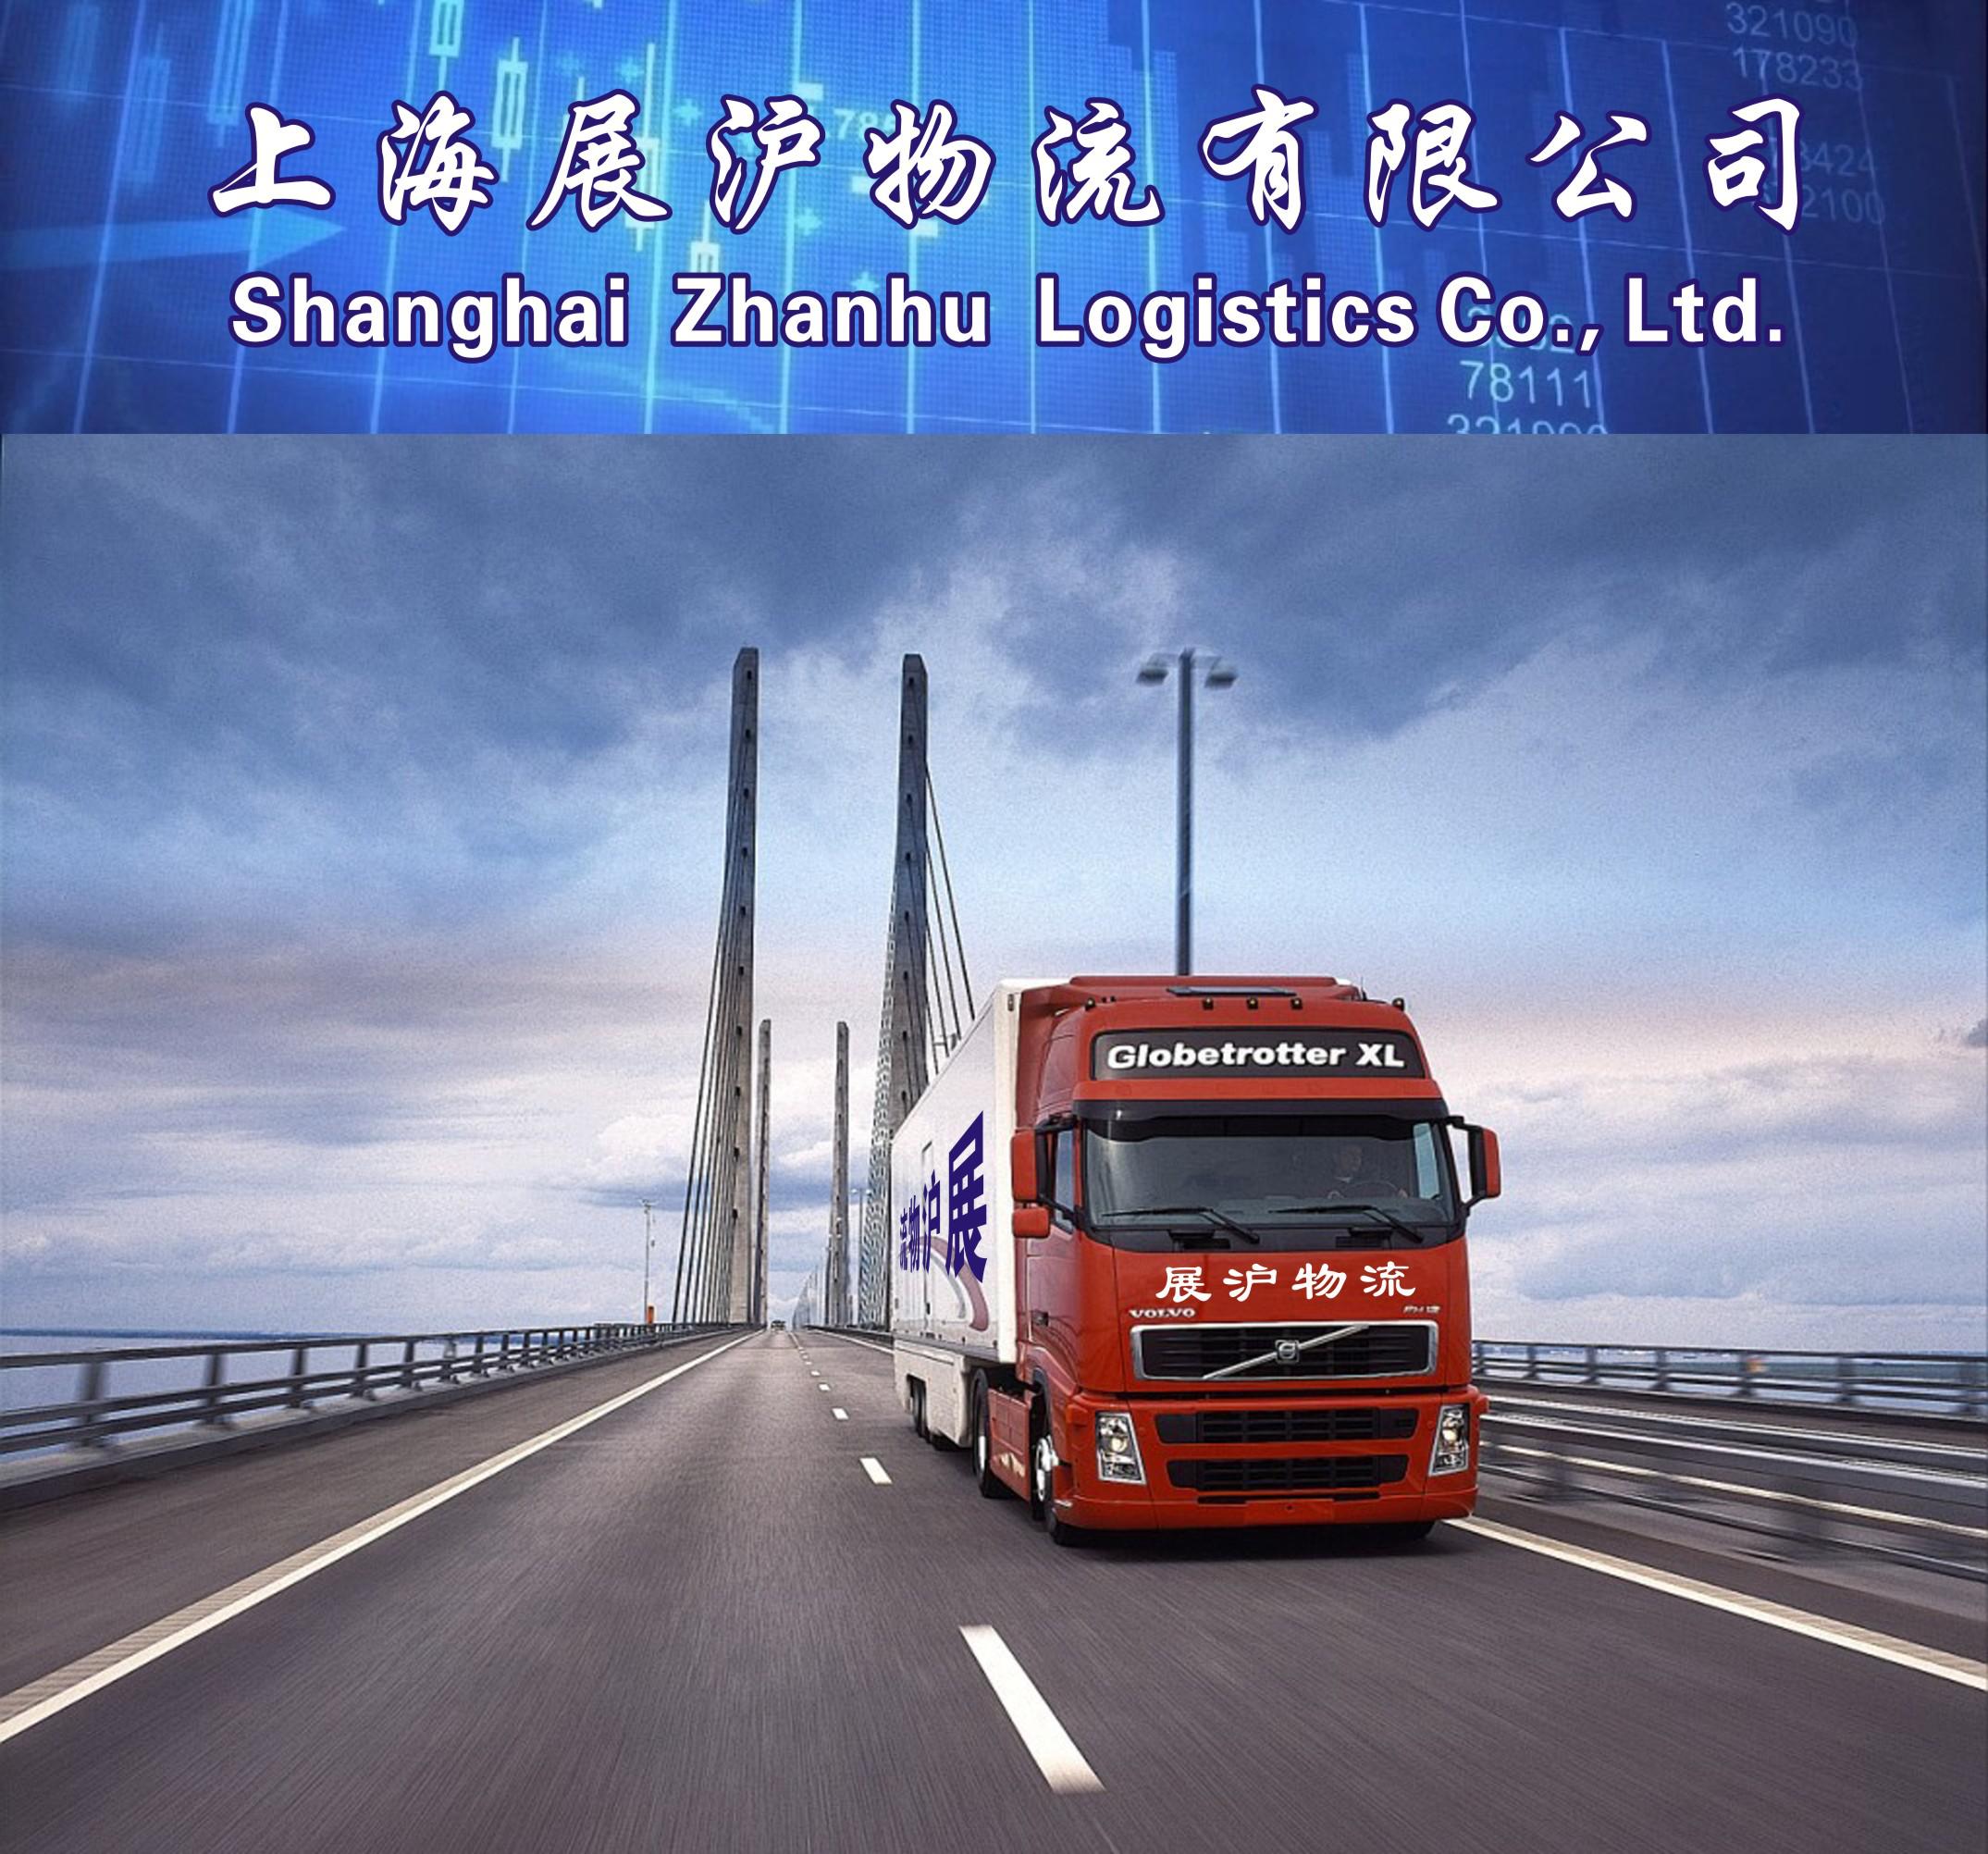 苏州至上海货运 苏州至上海货运专线 苏州至上海货运专线价格 苏州至上海货运公司